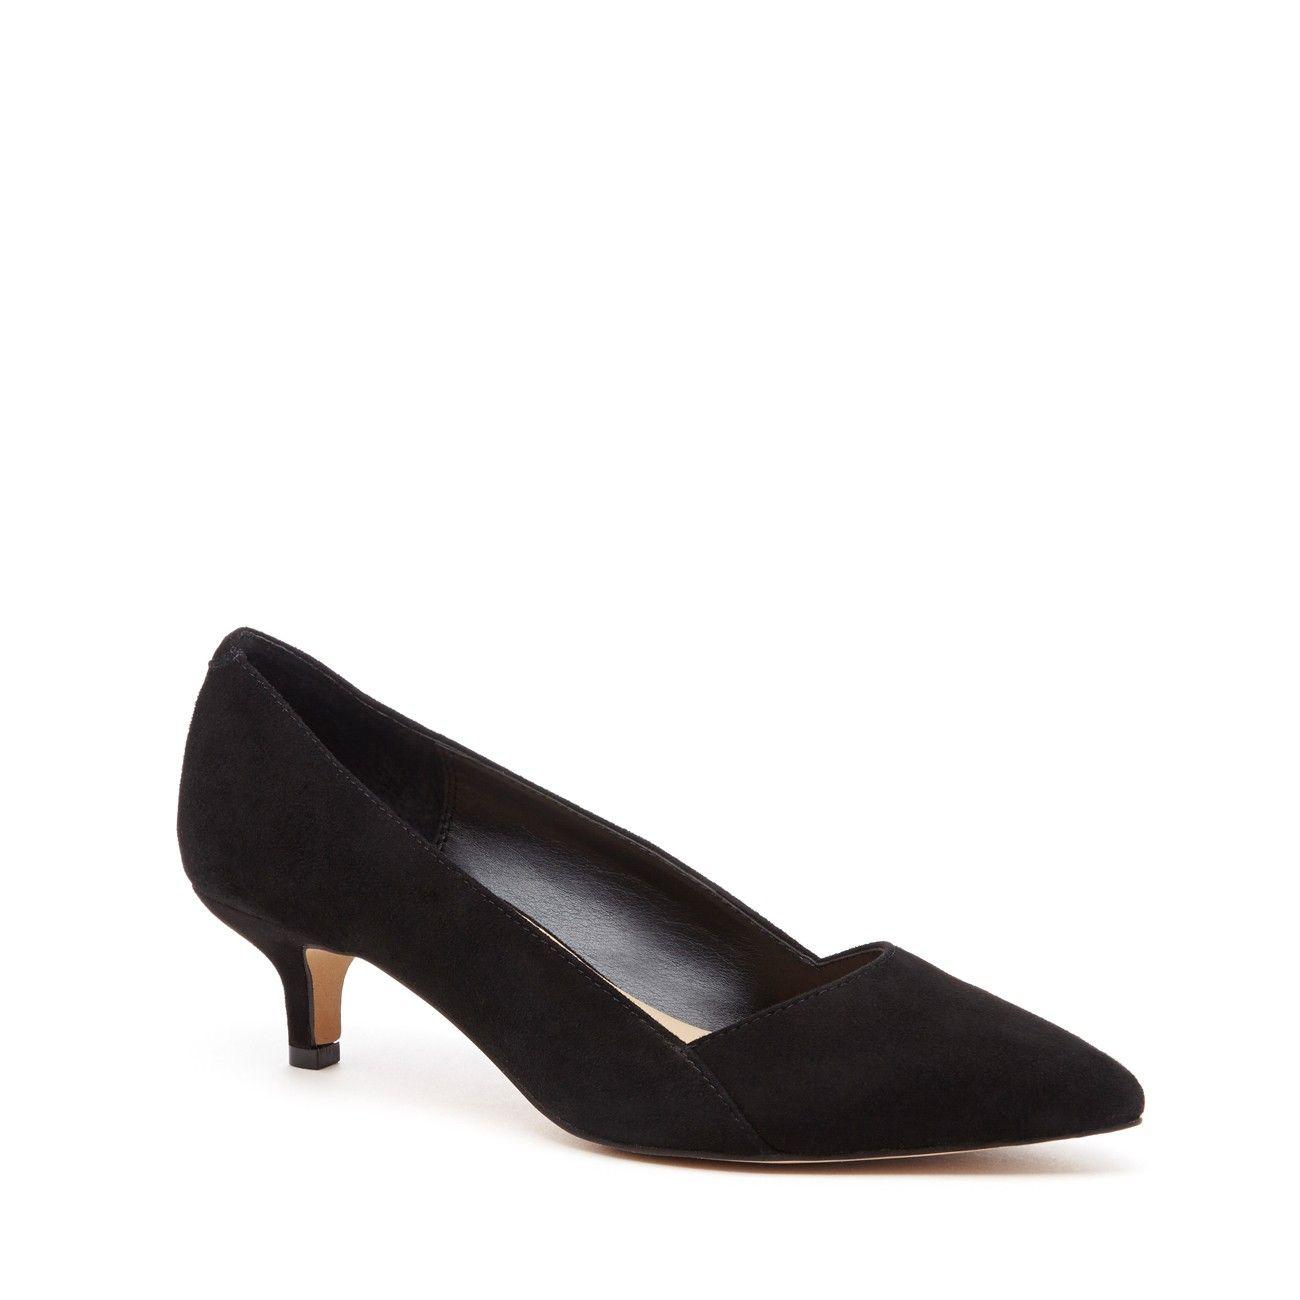 Women's Black Suede 1 3/4 Inch Kitten Heel Pump   Desi by Sole ...